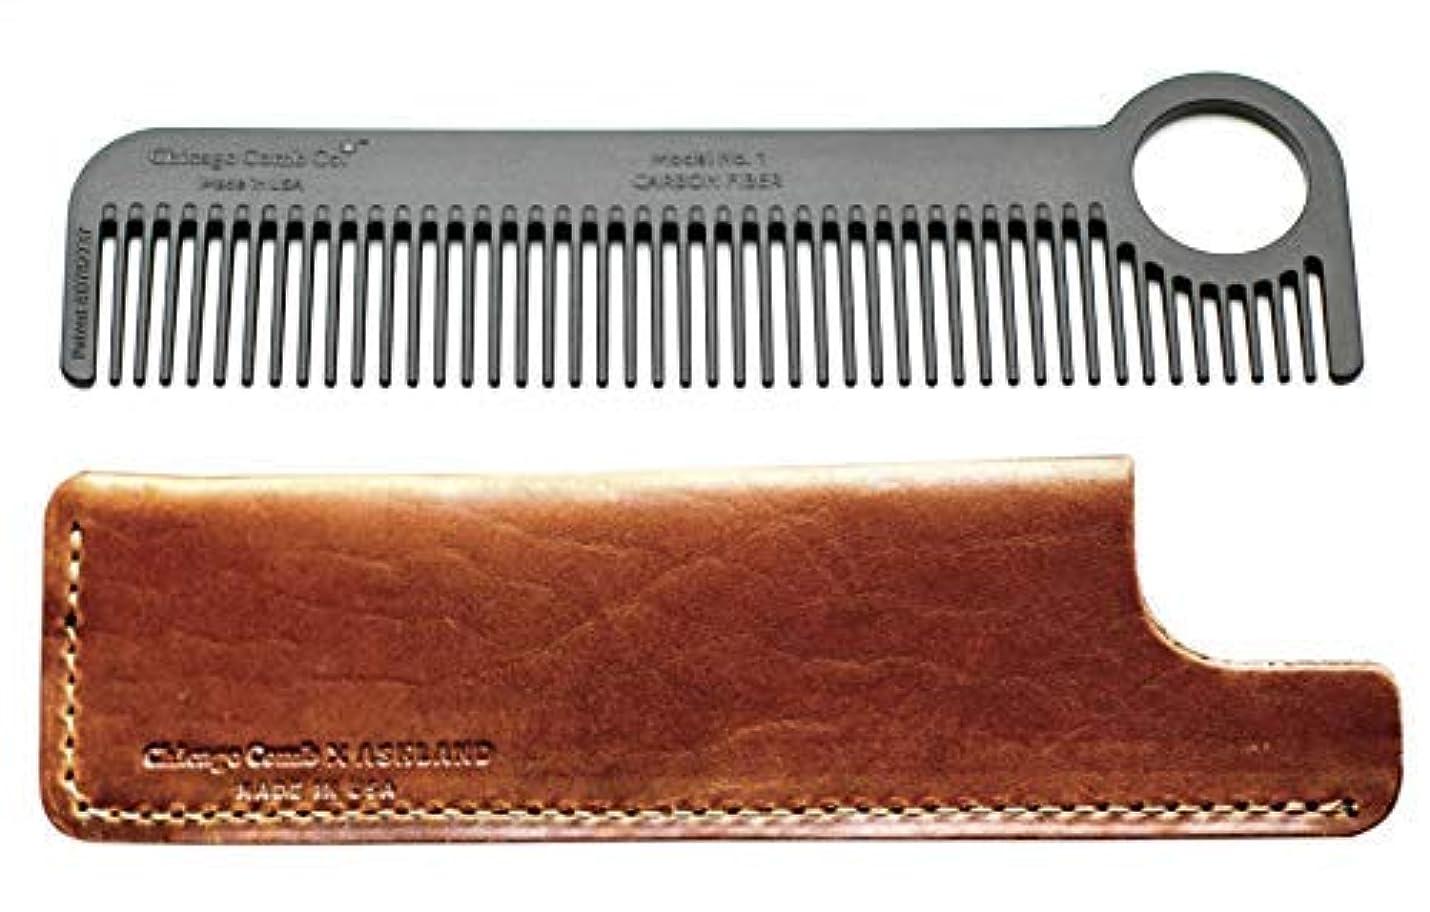 講師このこのChicago Comb Model 1 Carbon Fiber Comb + English Tan Horween leather sheath, Made in USA, ultimate pocket and...